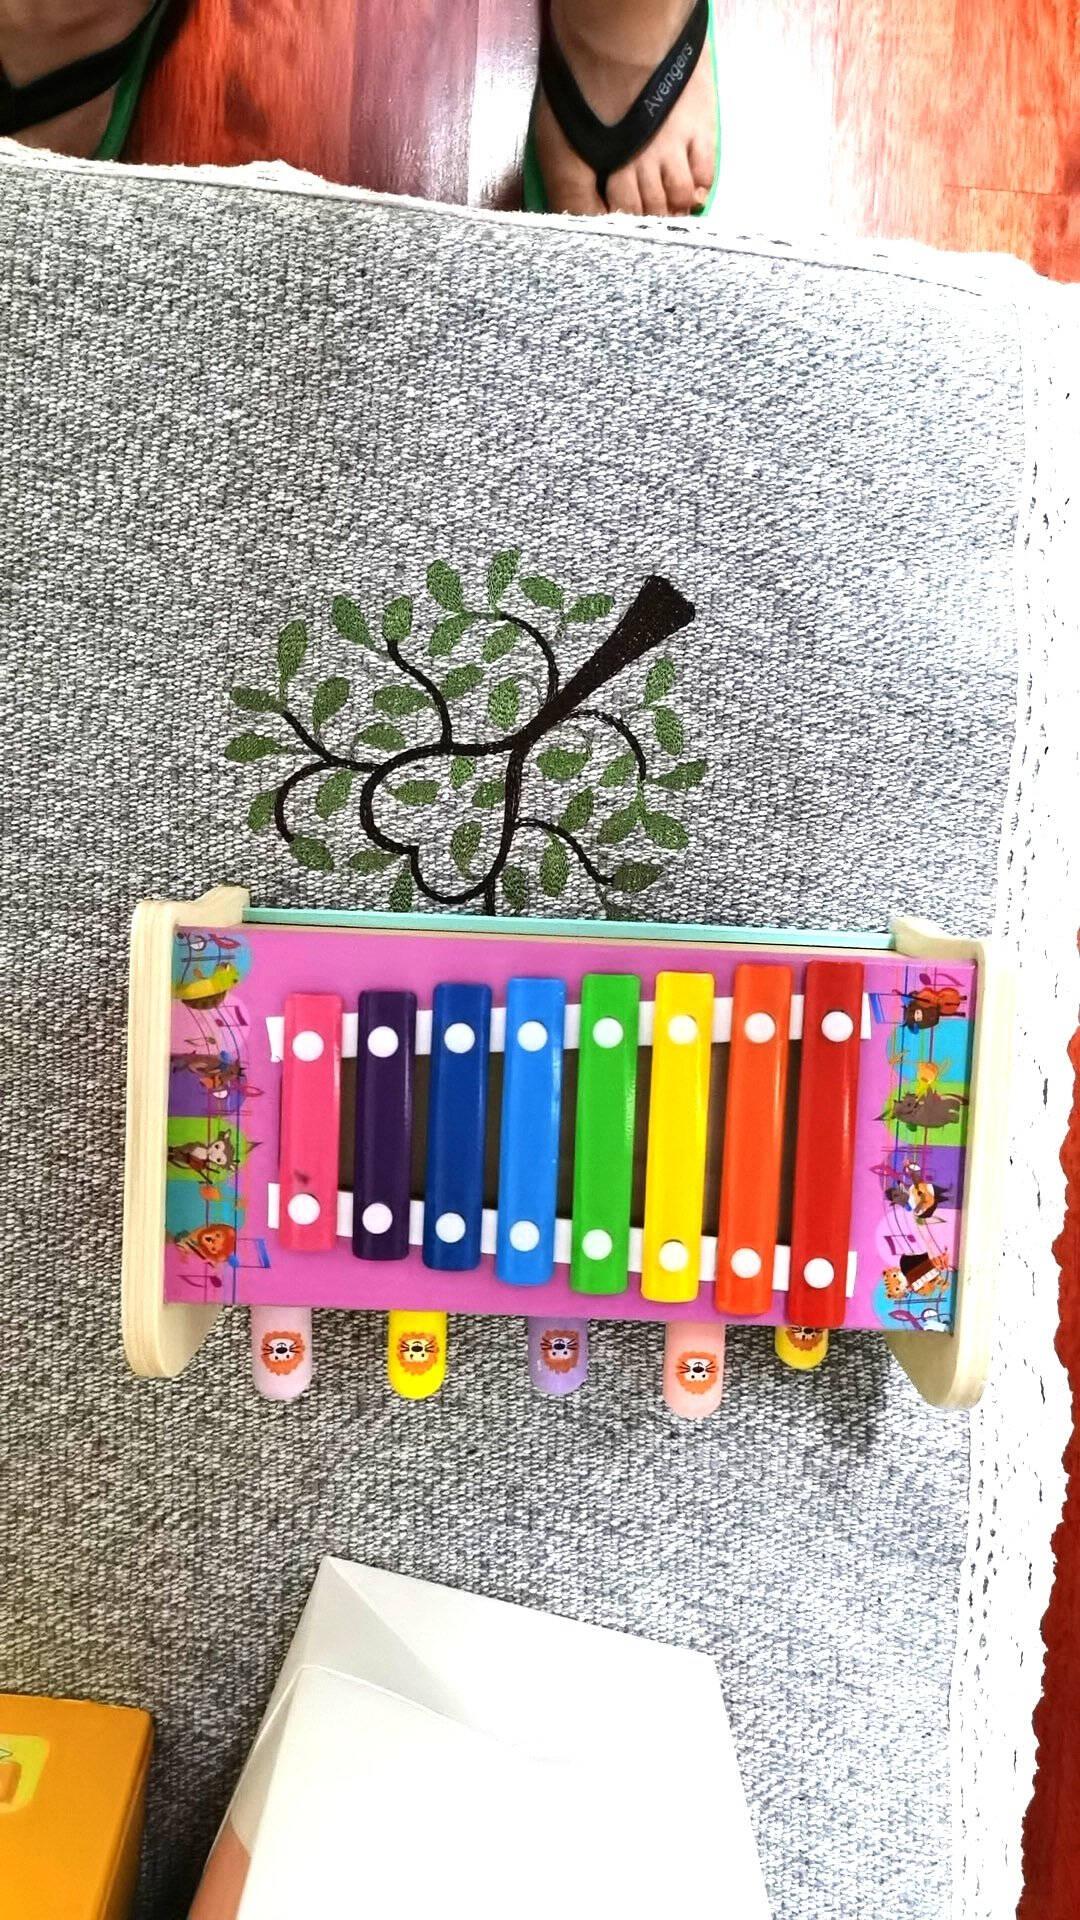 【五合一玩法】儿童玩具男女孩木制双锤打地鼠婴儿玩具一岁宝宝手敲琴音乐乐器钓鱼玩具打地鼠+钓鱼游戏+敲琴+旋转齿轮+抓虫子【五合一】